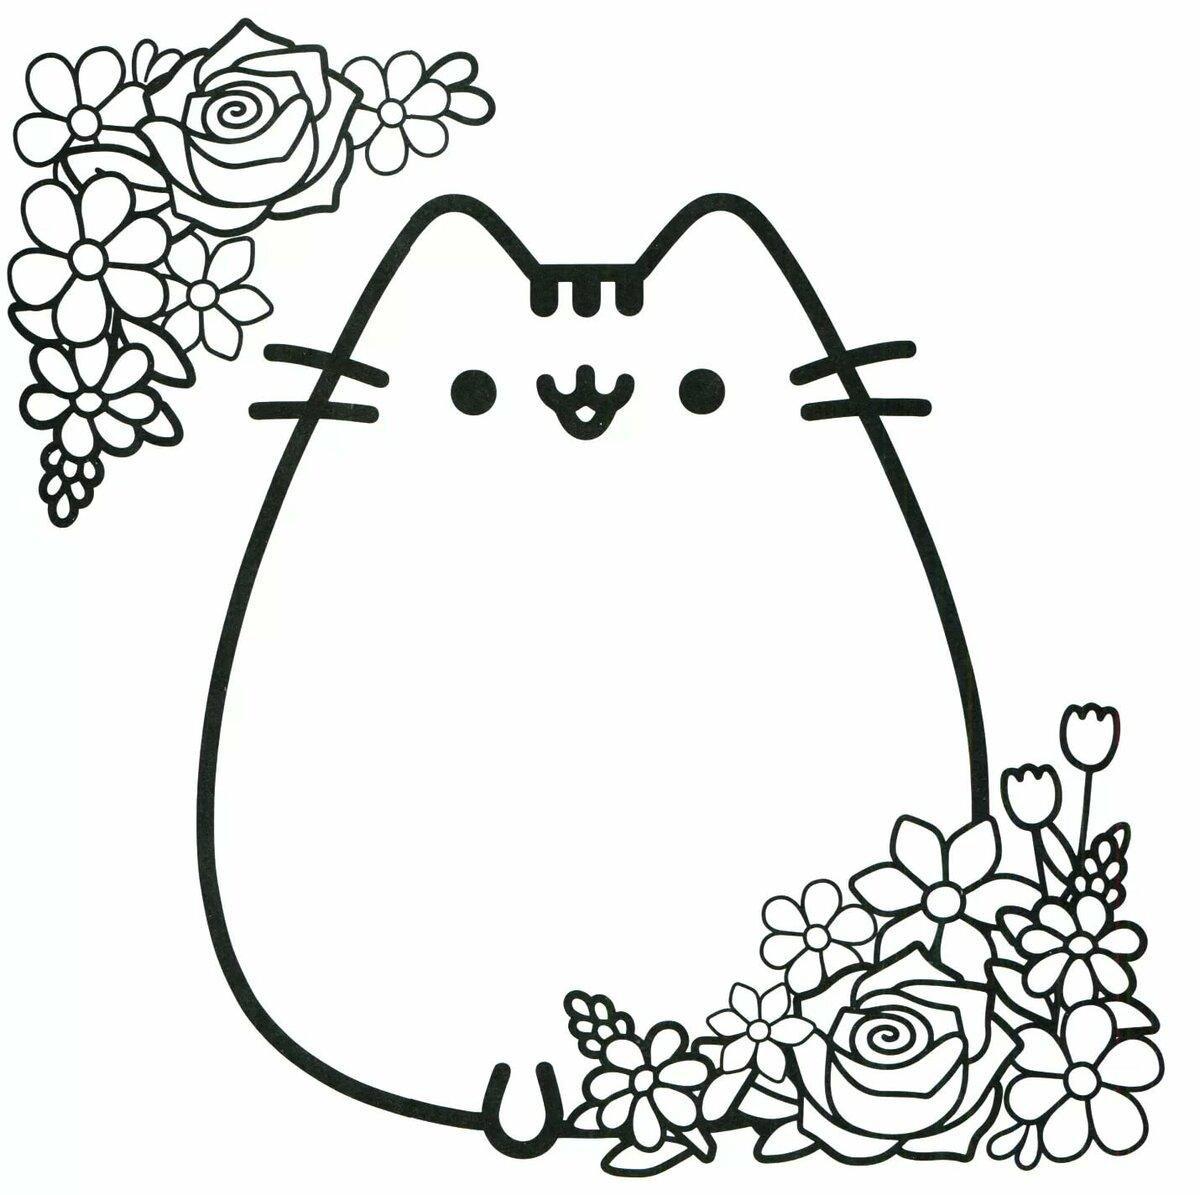 милые картинки для открытки черно белые питбультерьер